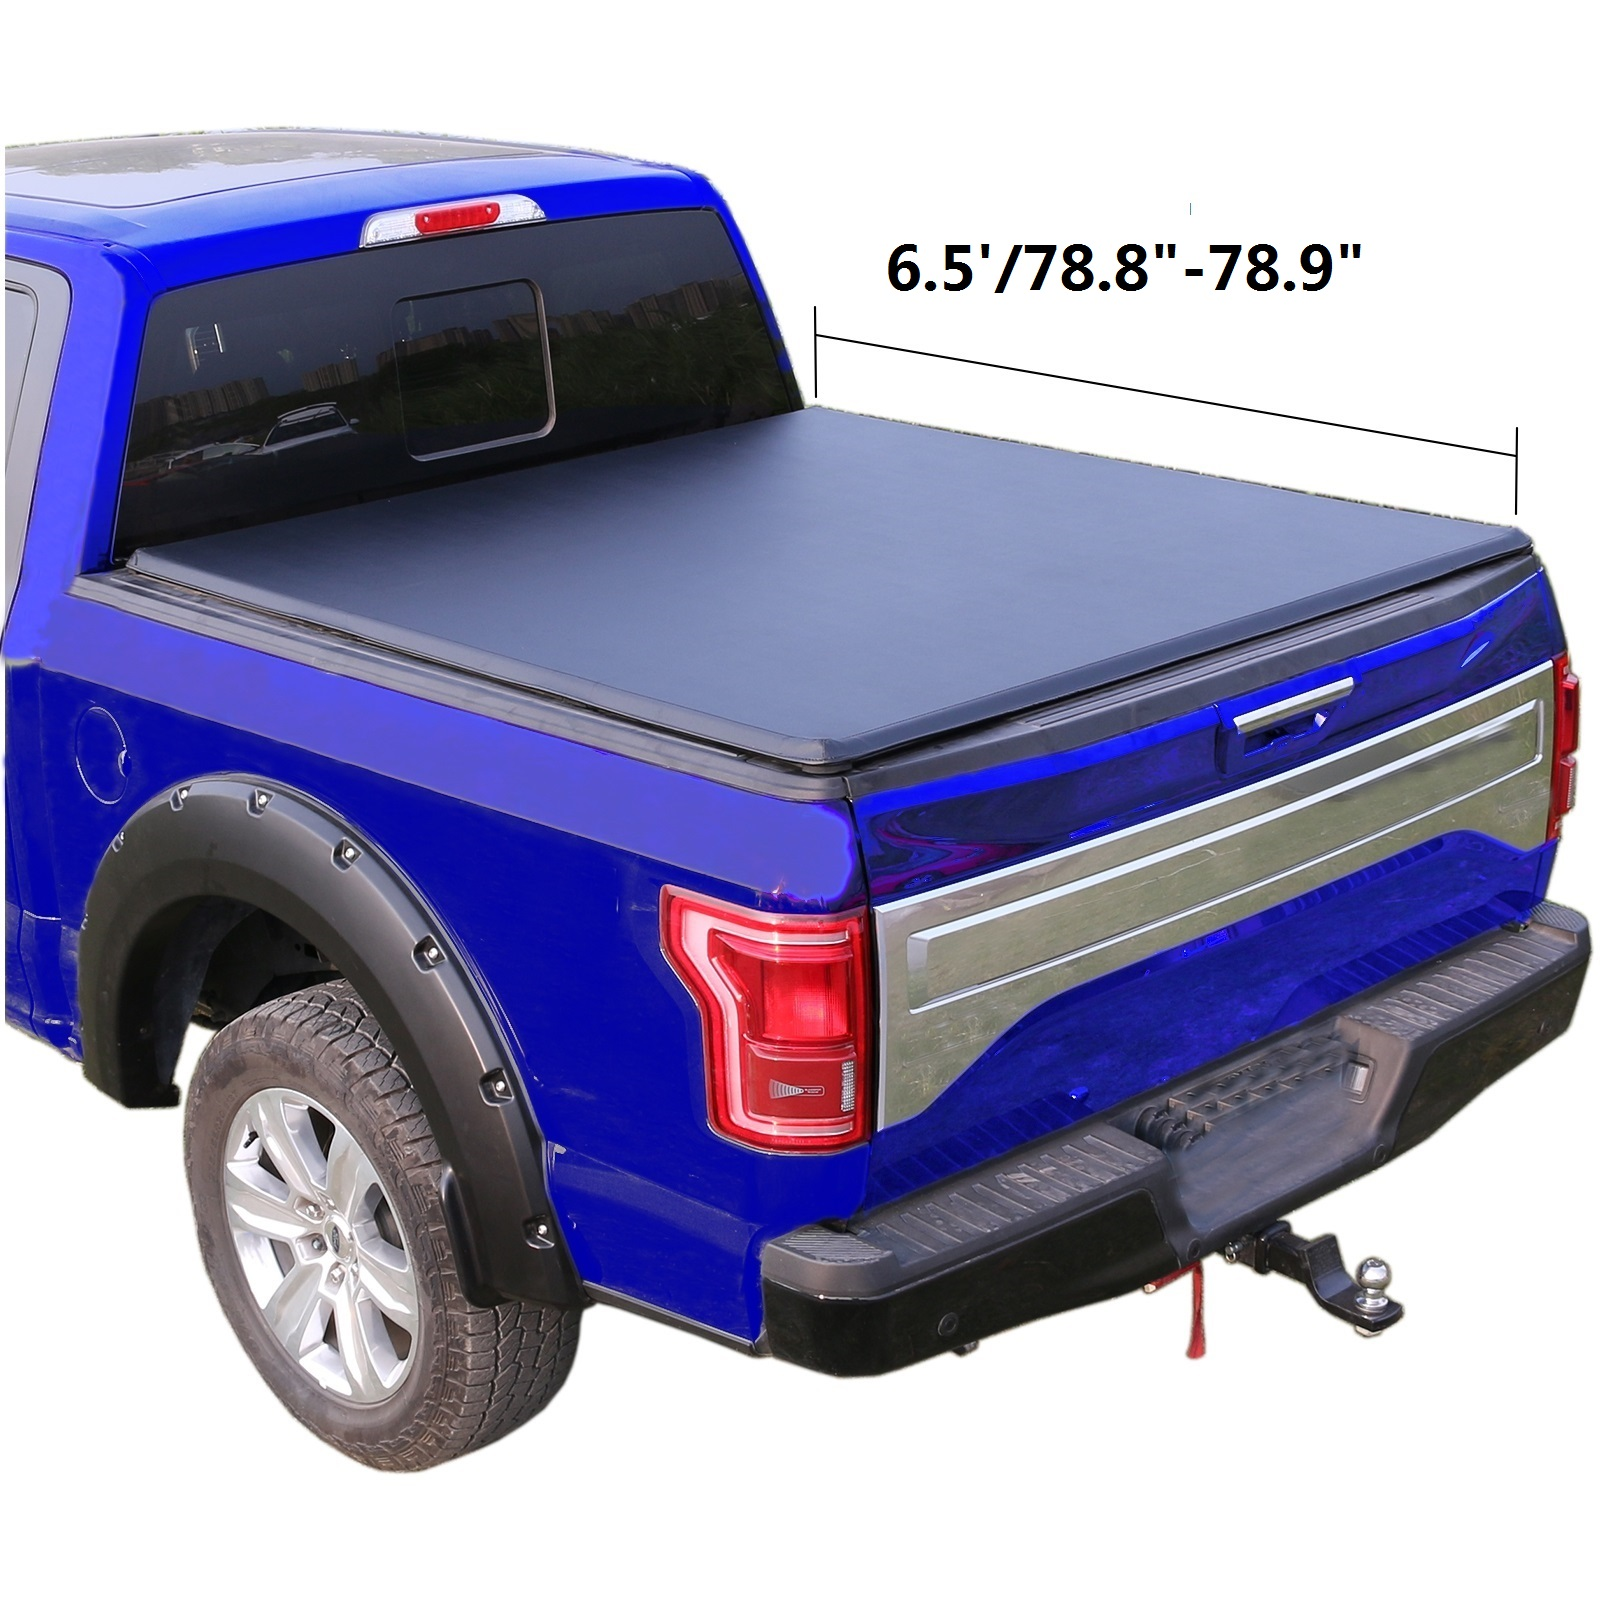 6 5 78 8 Soft Tri Fold Truck Bed For 2014 2018 Silverado Sierra